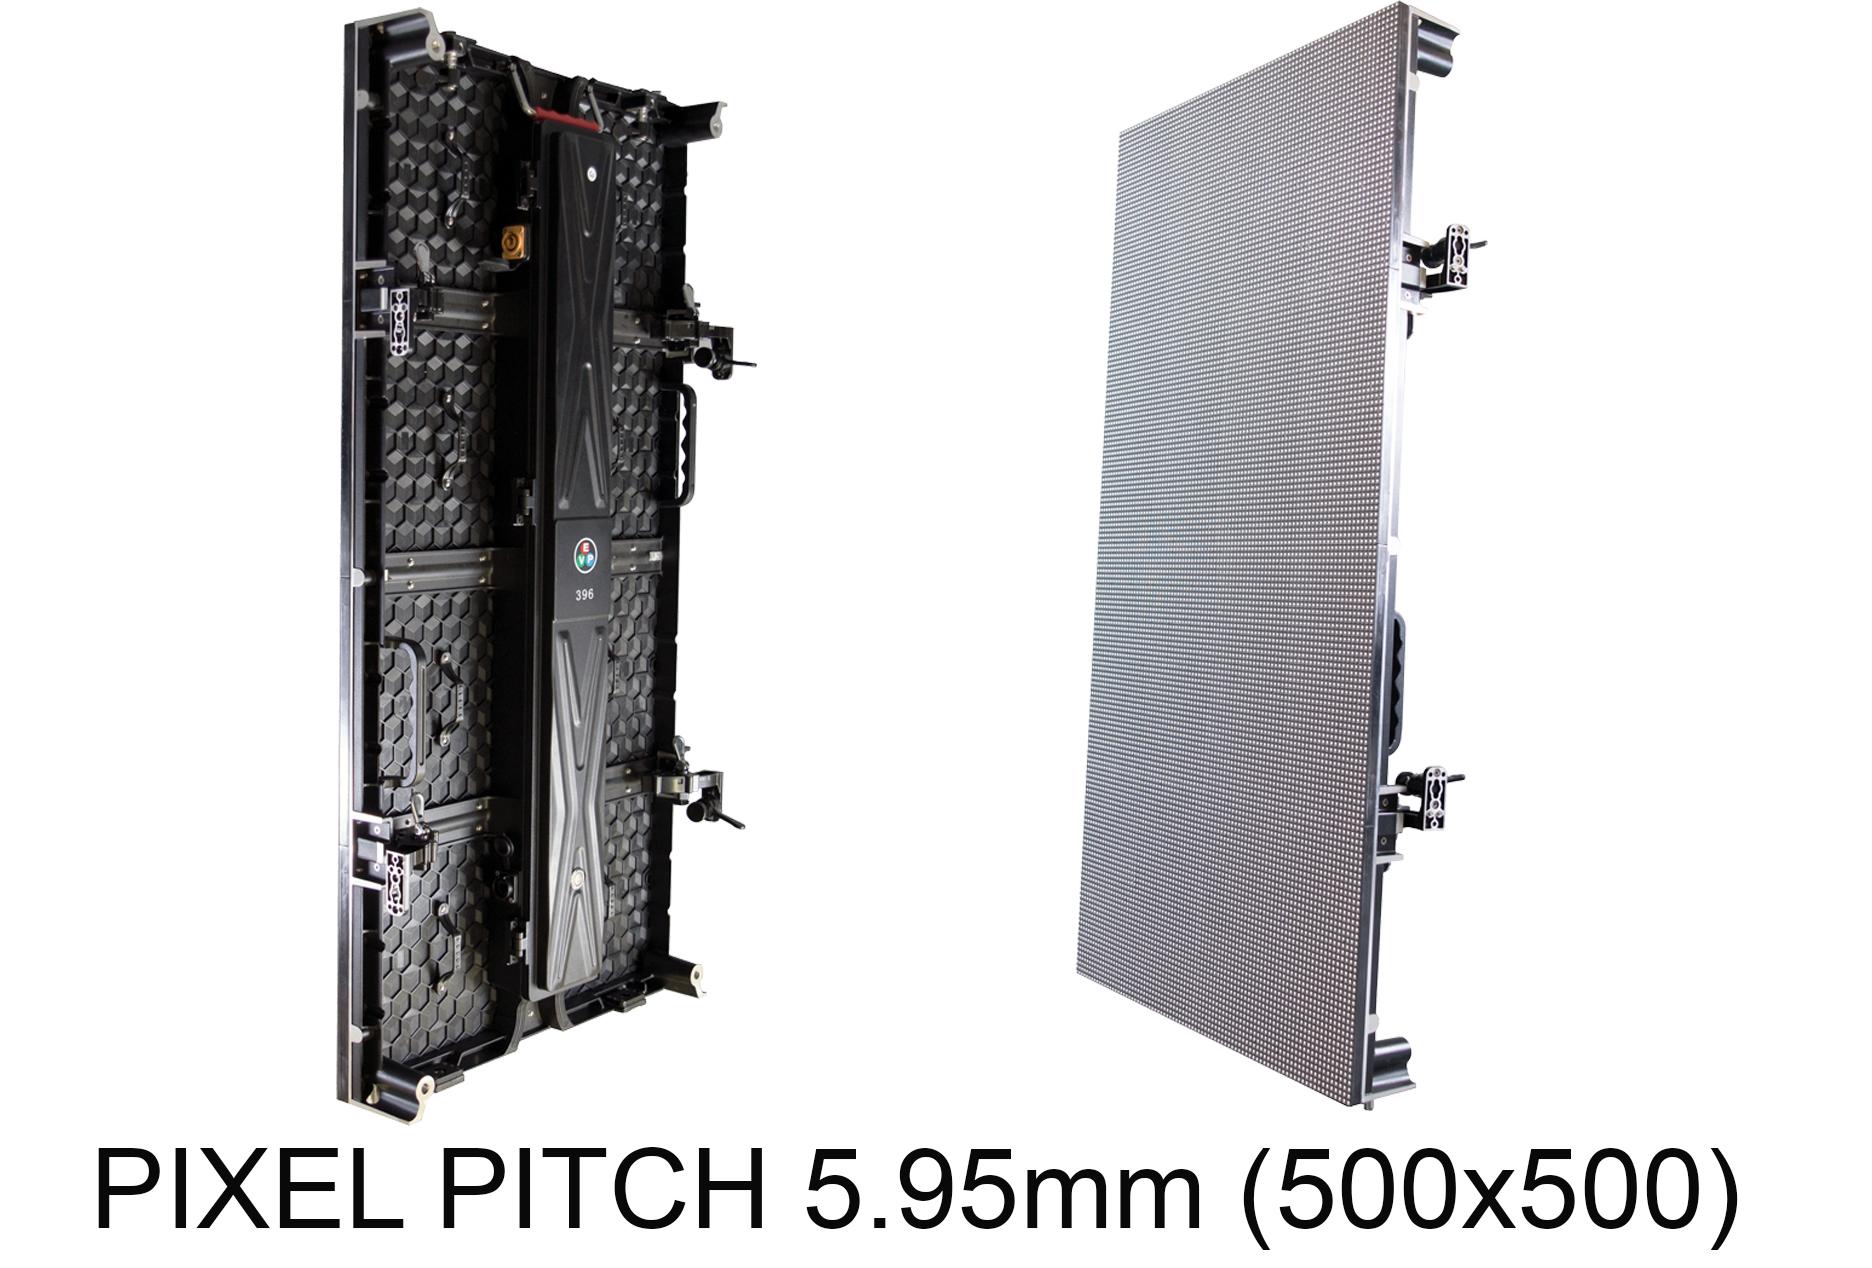 PIXEL PITCH 5.95mm (500x500) -